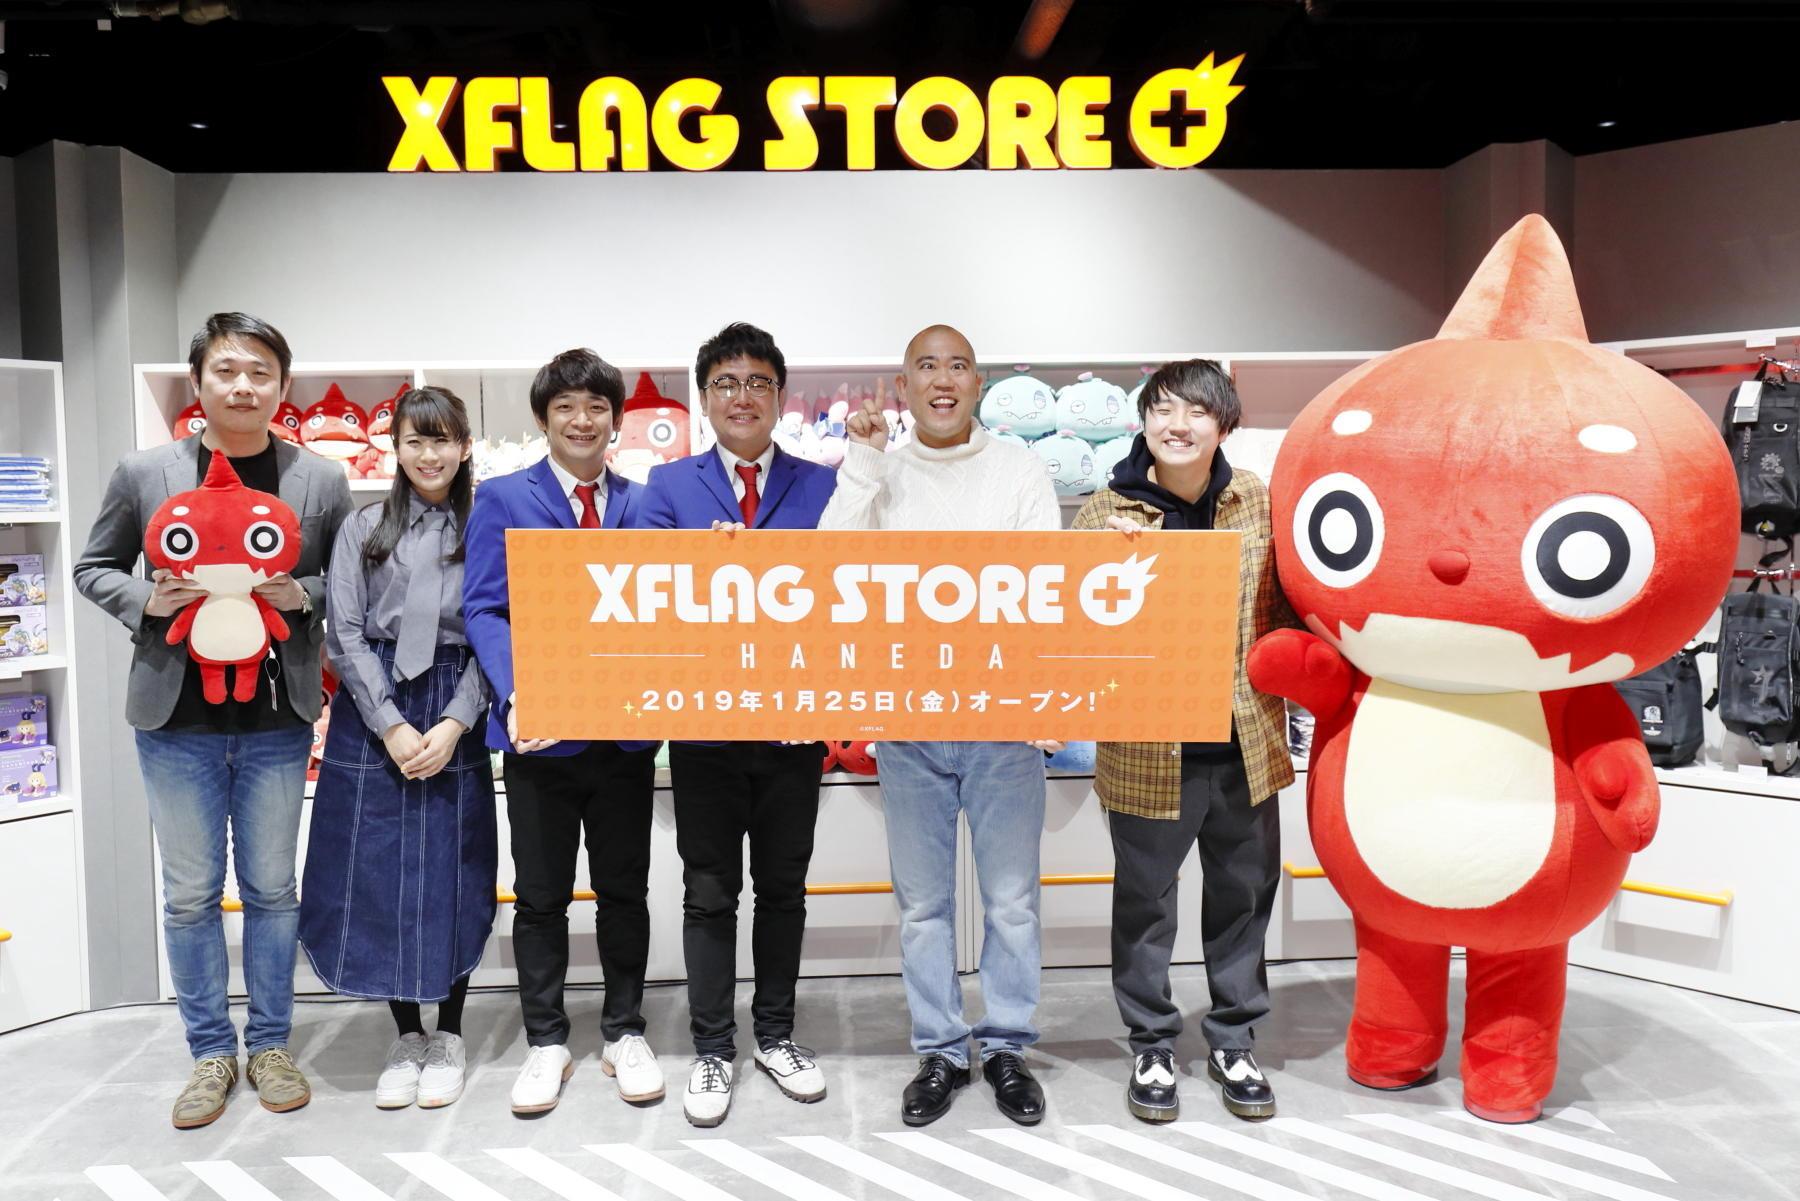 http://news.yoshimoto.co.jp/20190124203536-489e0a949f8bebc4464233b8bb7320f652f961ec.jpg